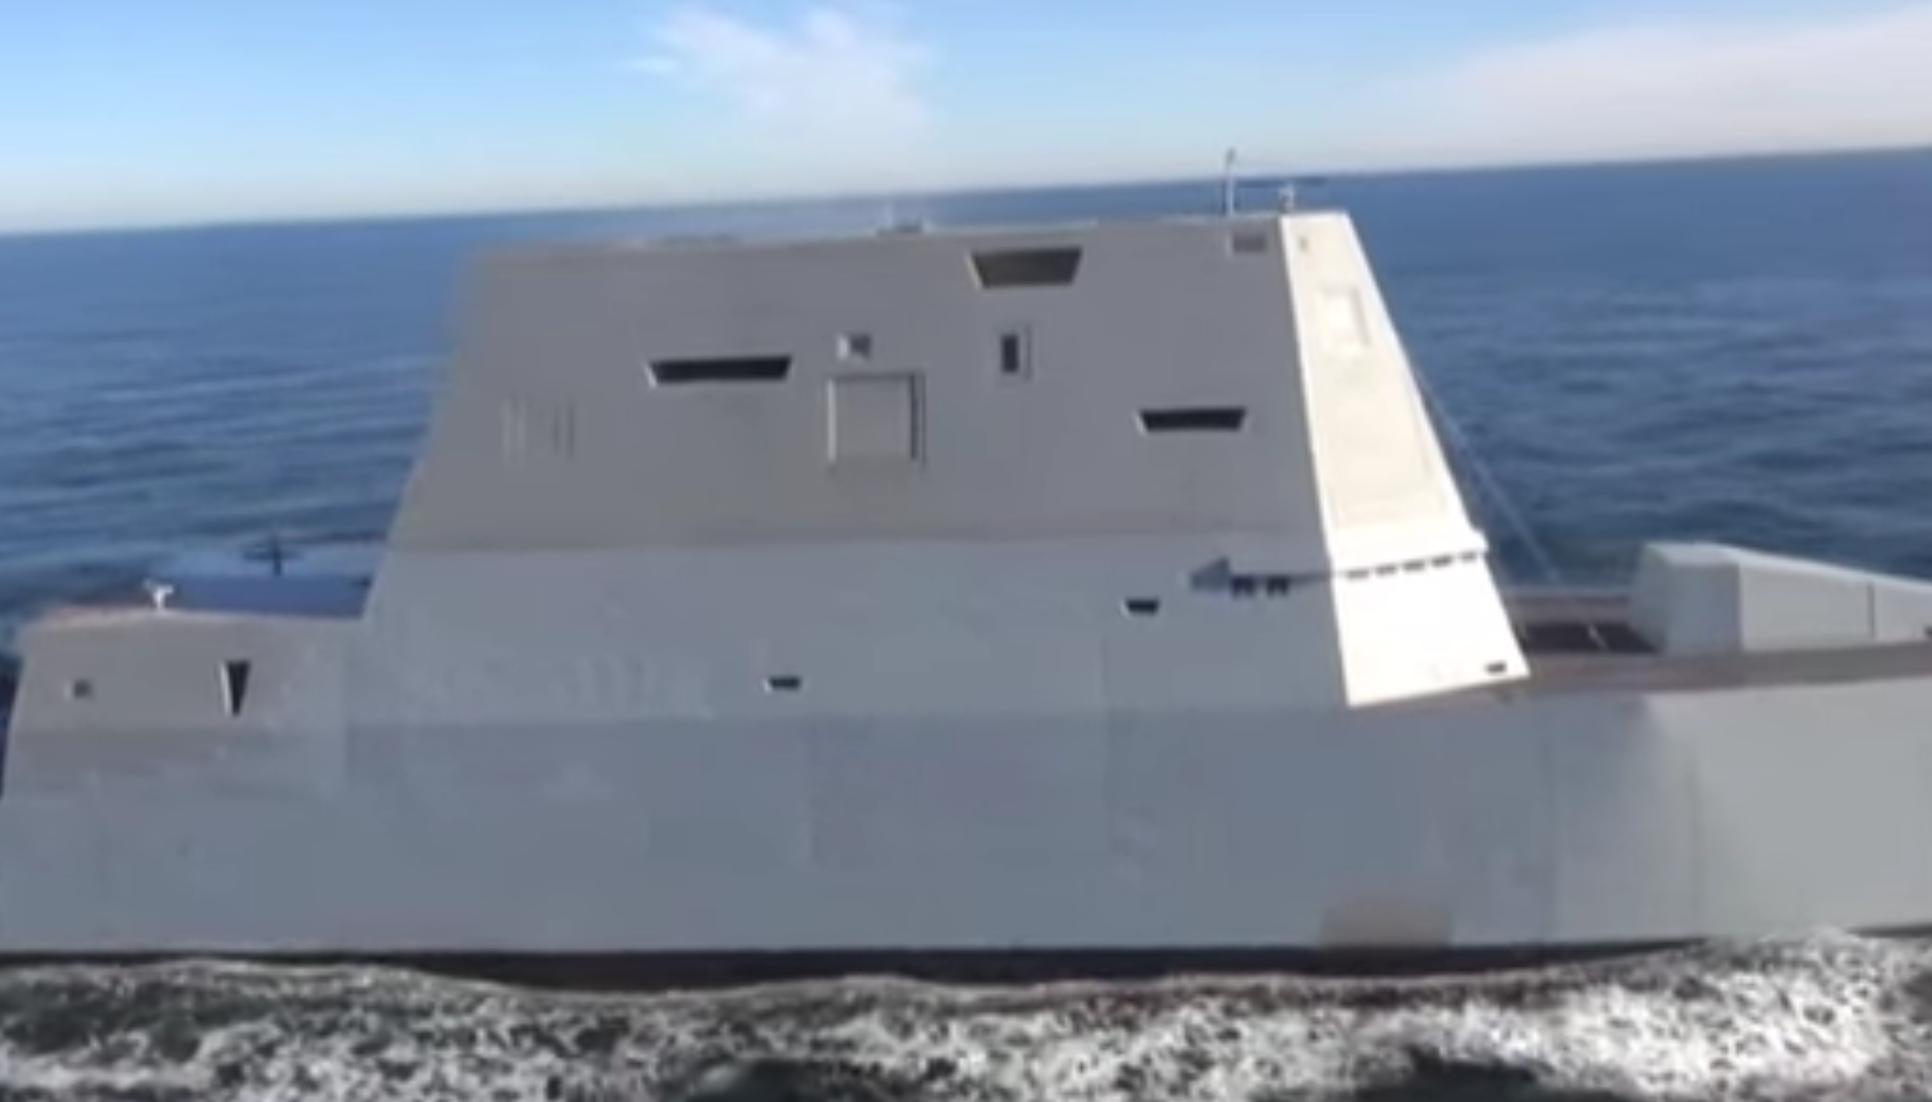 The starboard view Zumwalt DDG-1000 from a Dec. 7, 2016 underway. US Navy Image